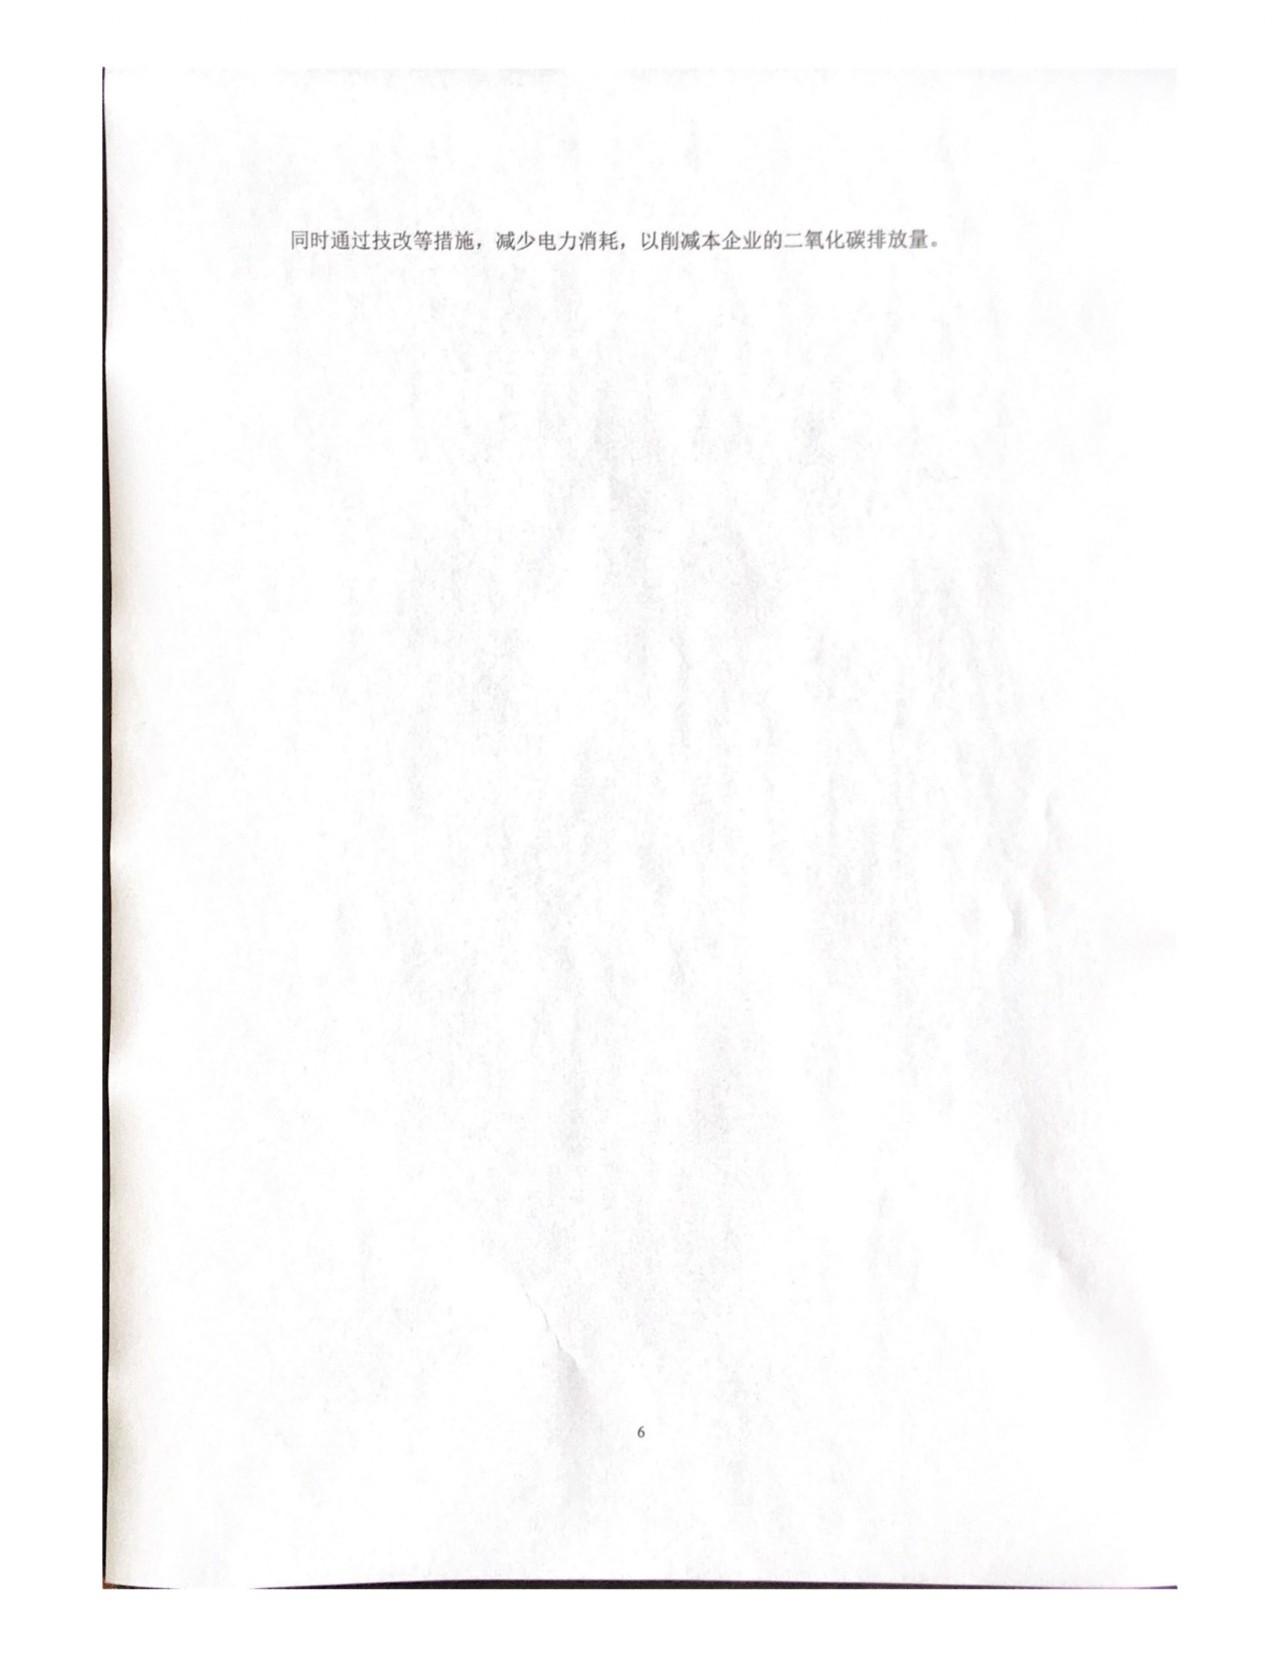 碳排放核查报告_页面_6.jpg